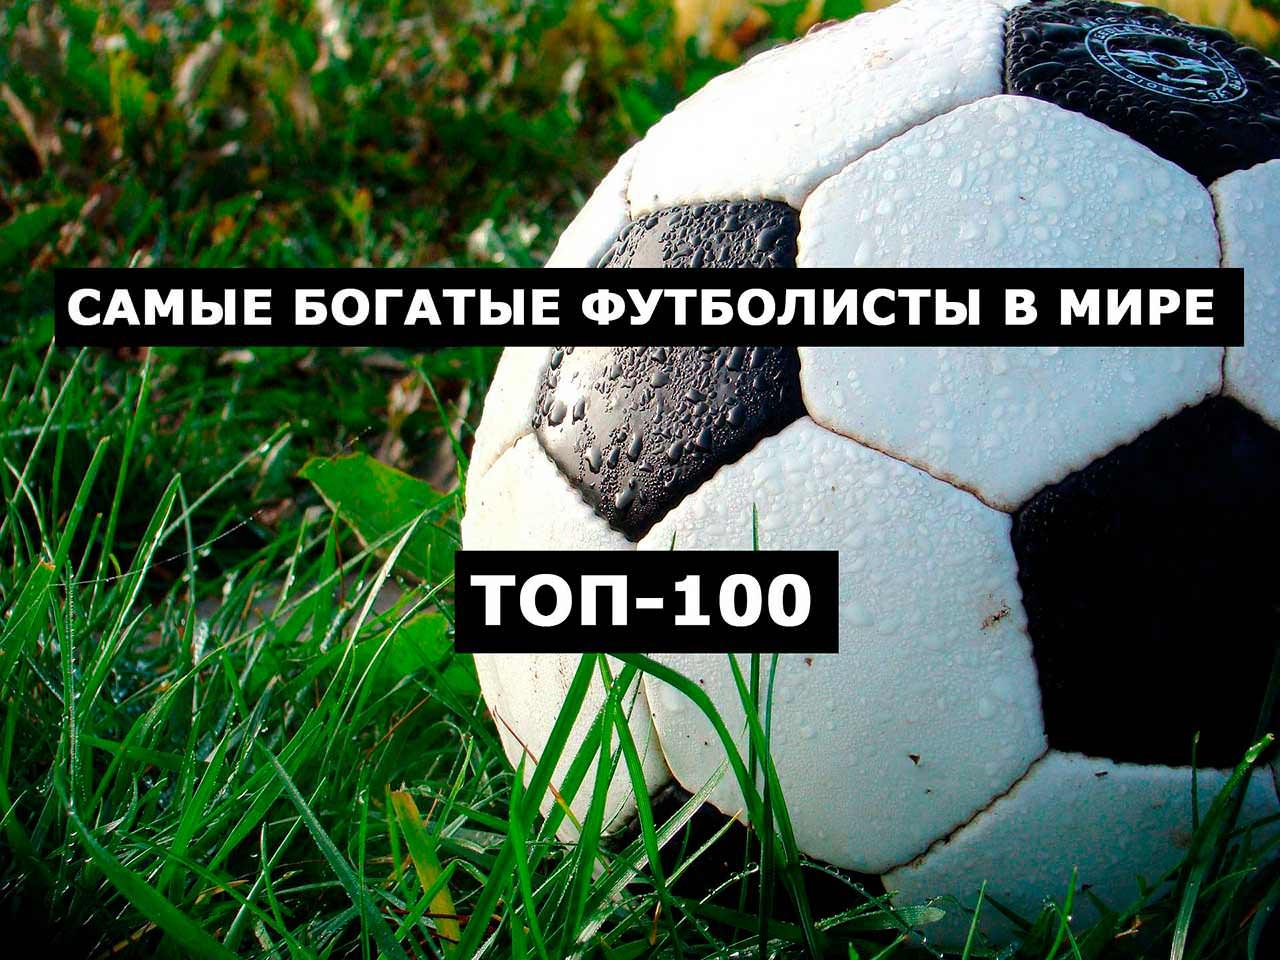 Самые богатые футболисты в мире. Рейтинг ТОП-100